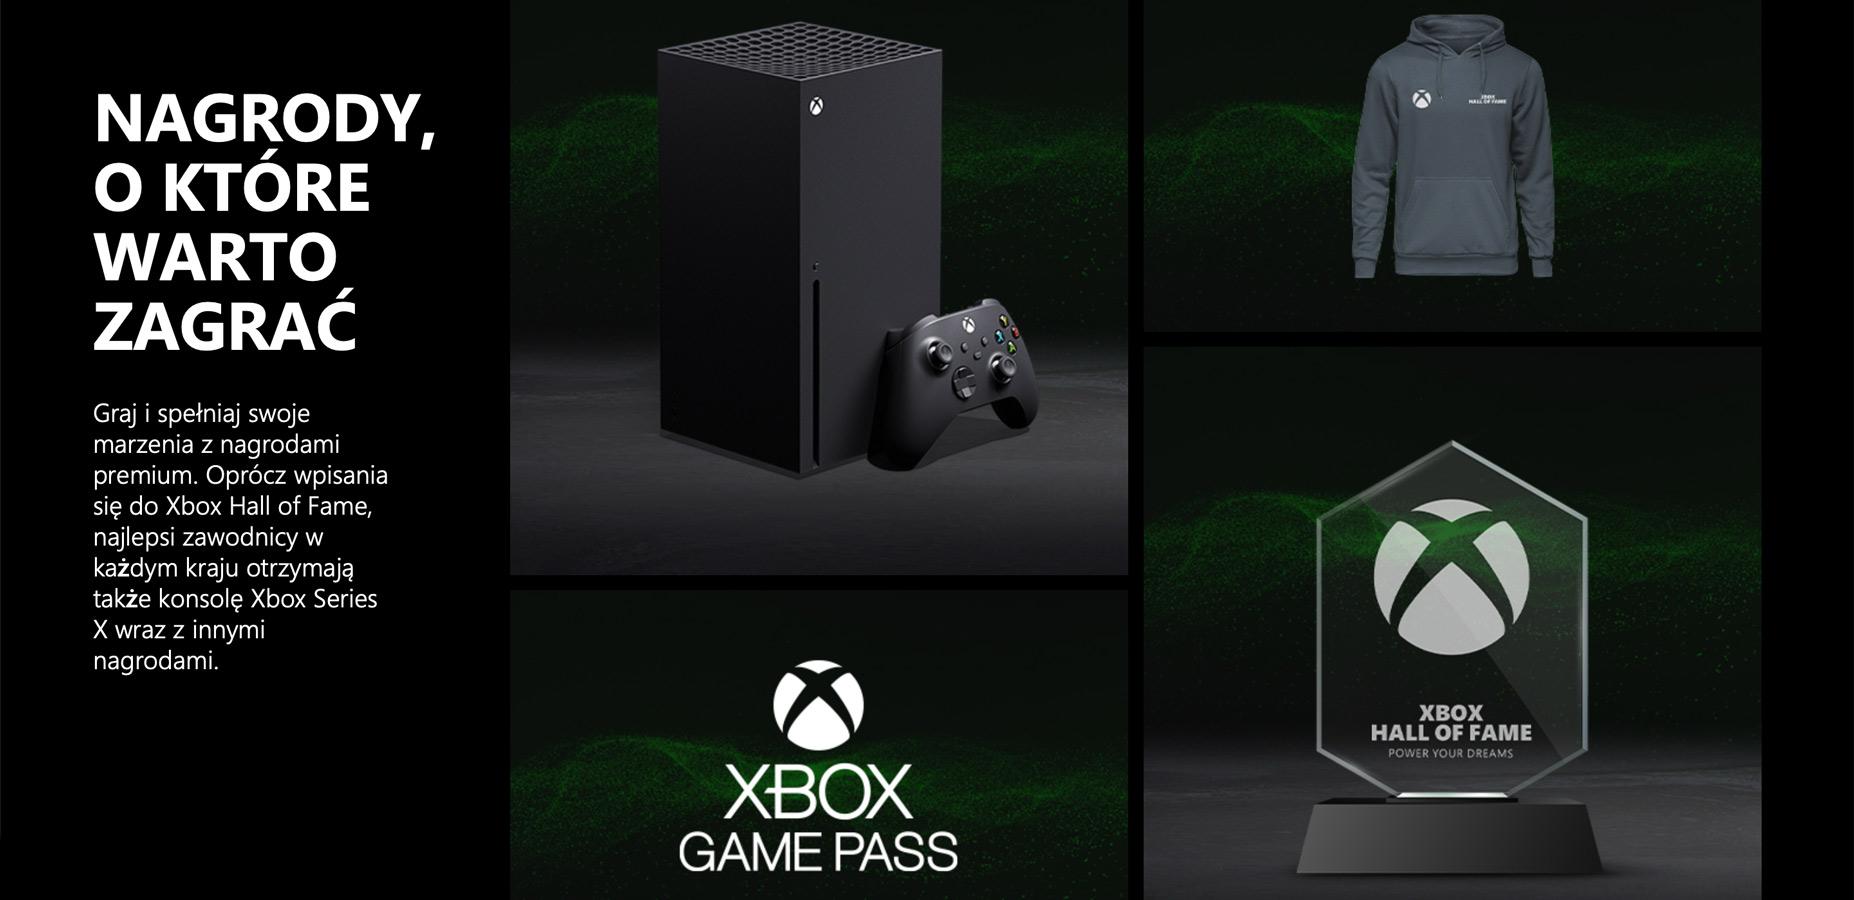 Nagrody Xbox Hall of Fame